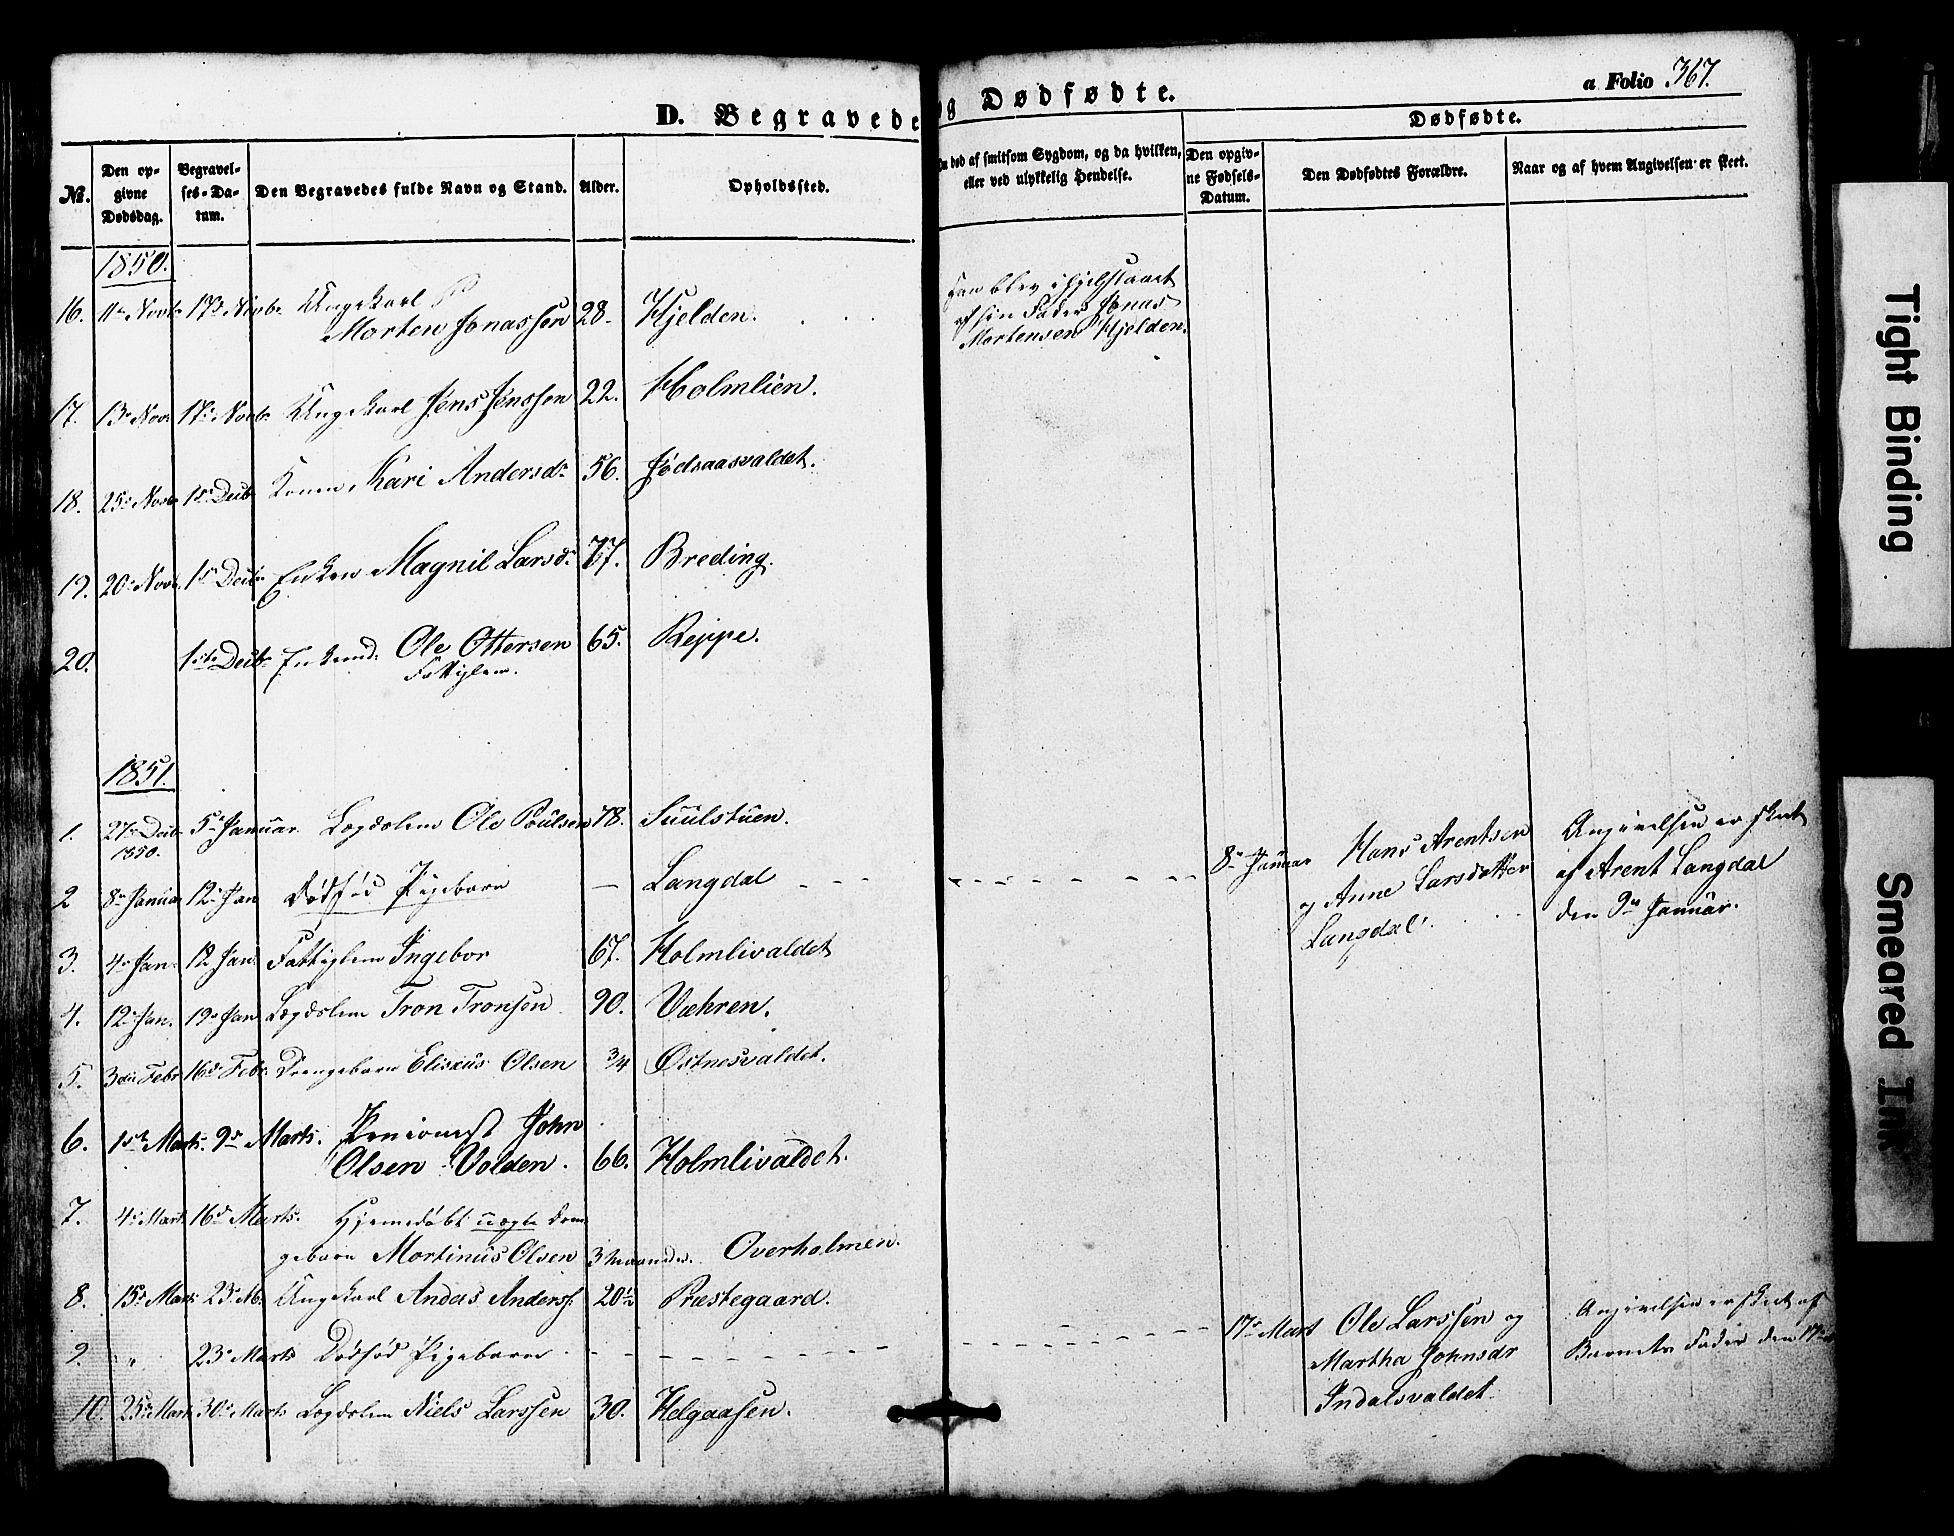 SAT, Ministerialprotokoller, klokkerbøker og fødselsregistre - Nord-Trøndelag, 724/L0268: Klokkerbok nr. 724C04, 1846-1878, s. 367